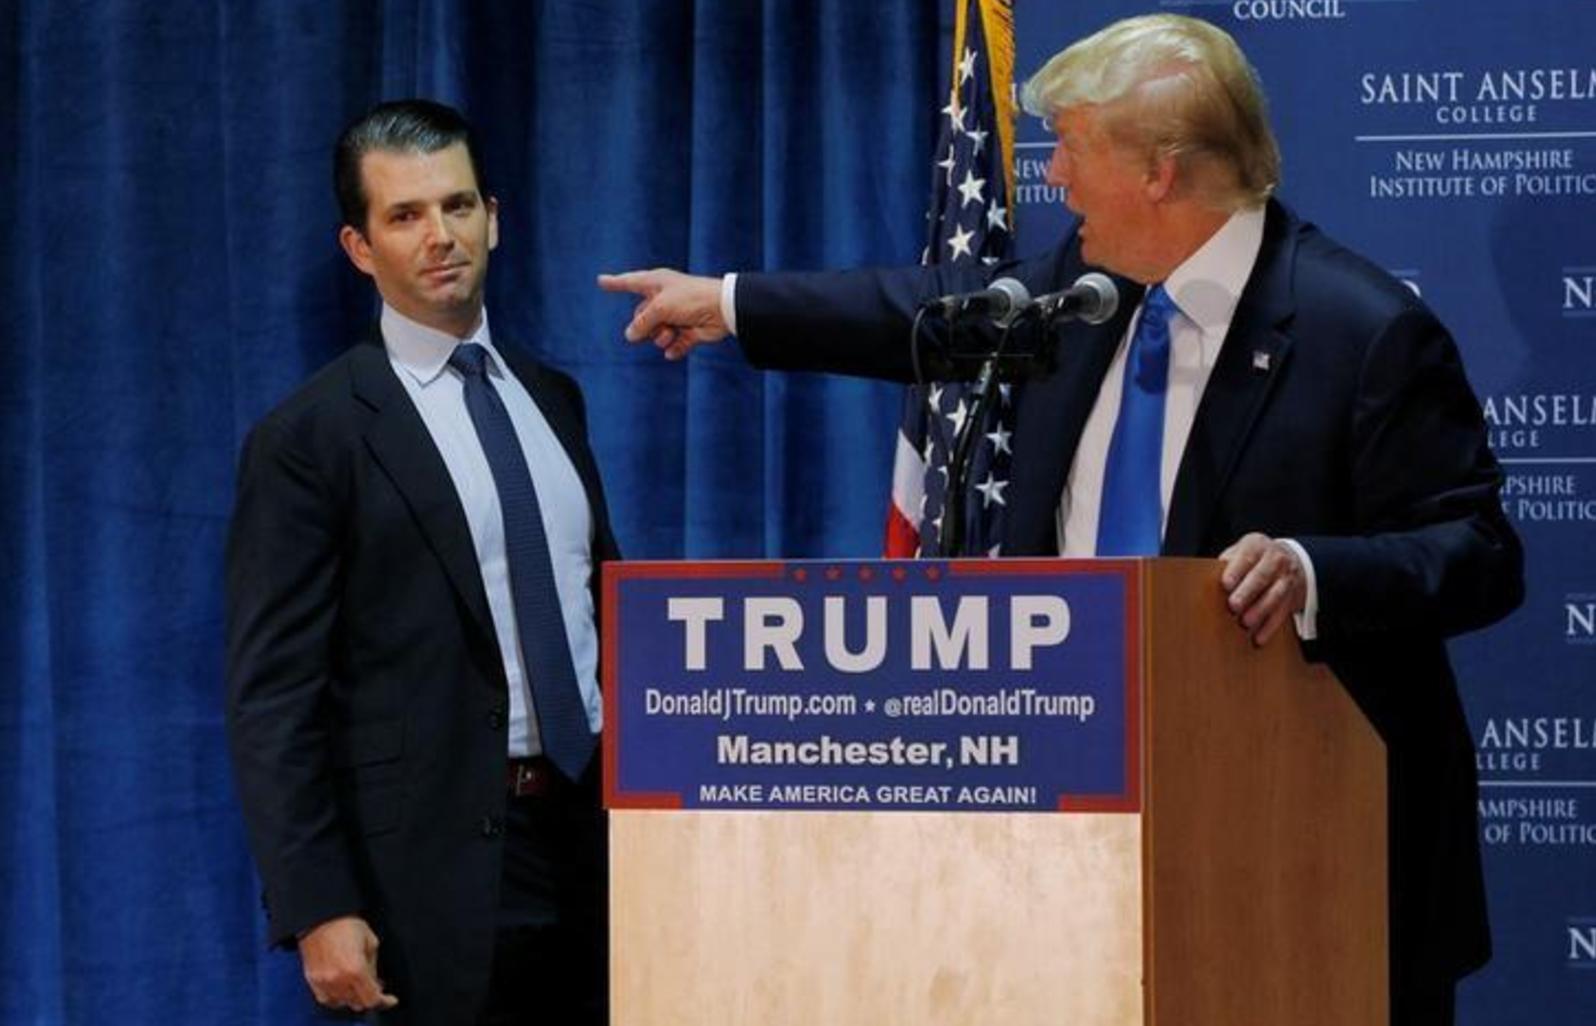 Tổng thống Trump đích thân chỉ đạo đưa tuyên bố đánh lạc hướng về cuộc gặp của Trump Junior với người Nga